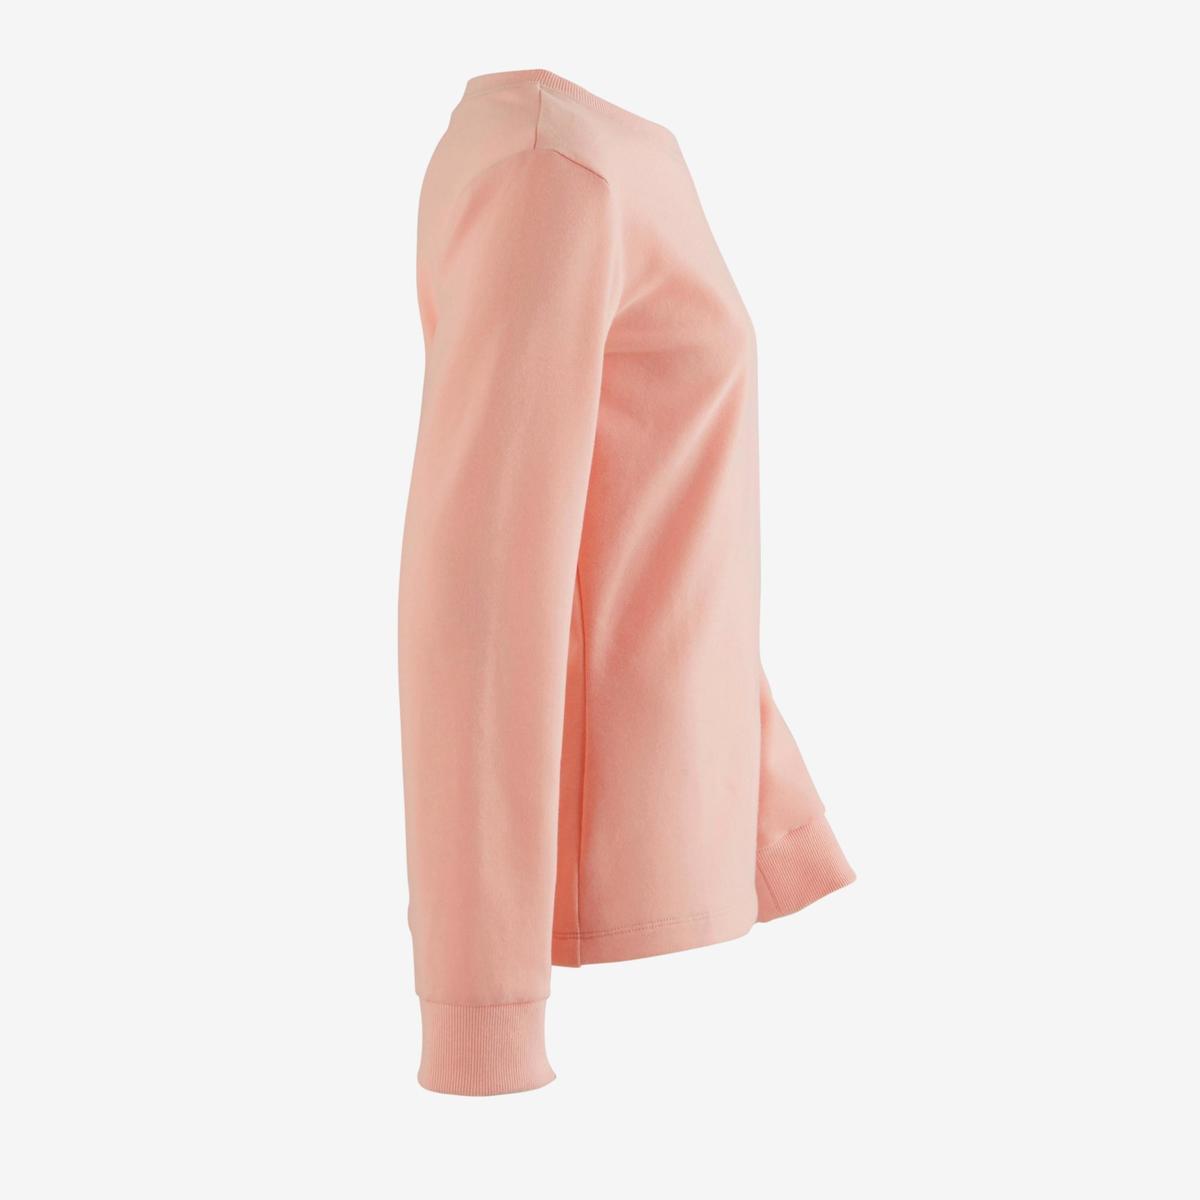 Bild 2 von Sweatshirt 100 Gym Mädchen rosa